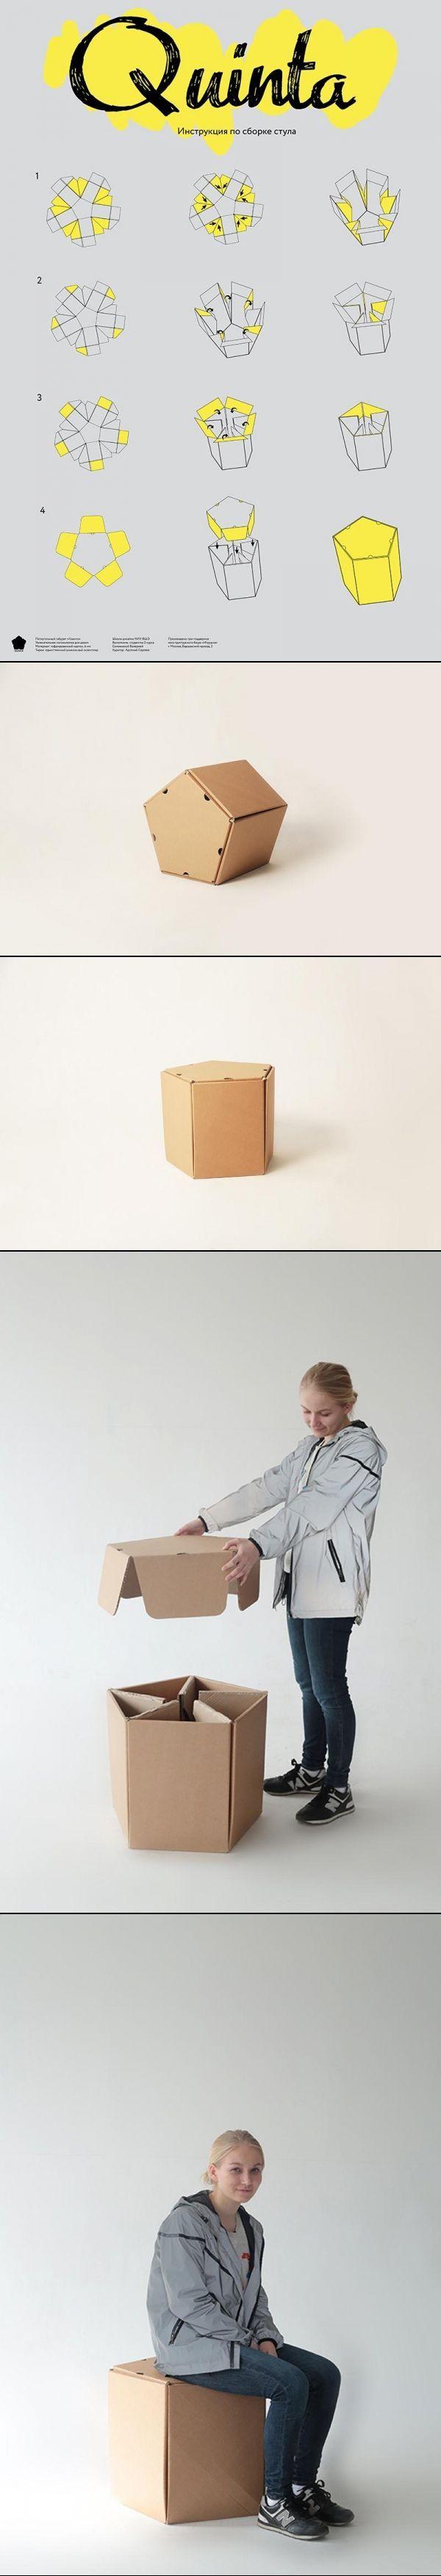 1080 best Cardboard furniture images on Pinterest | Cardboard ...